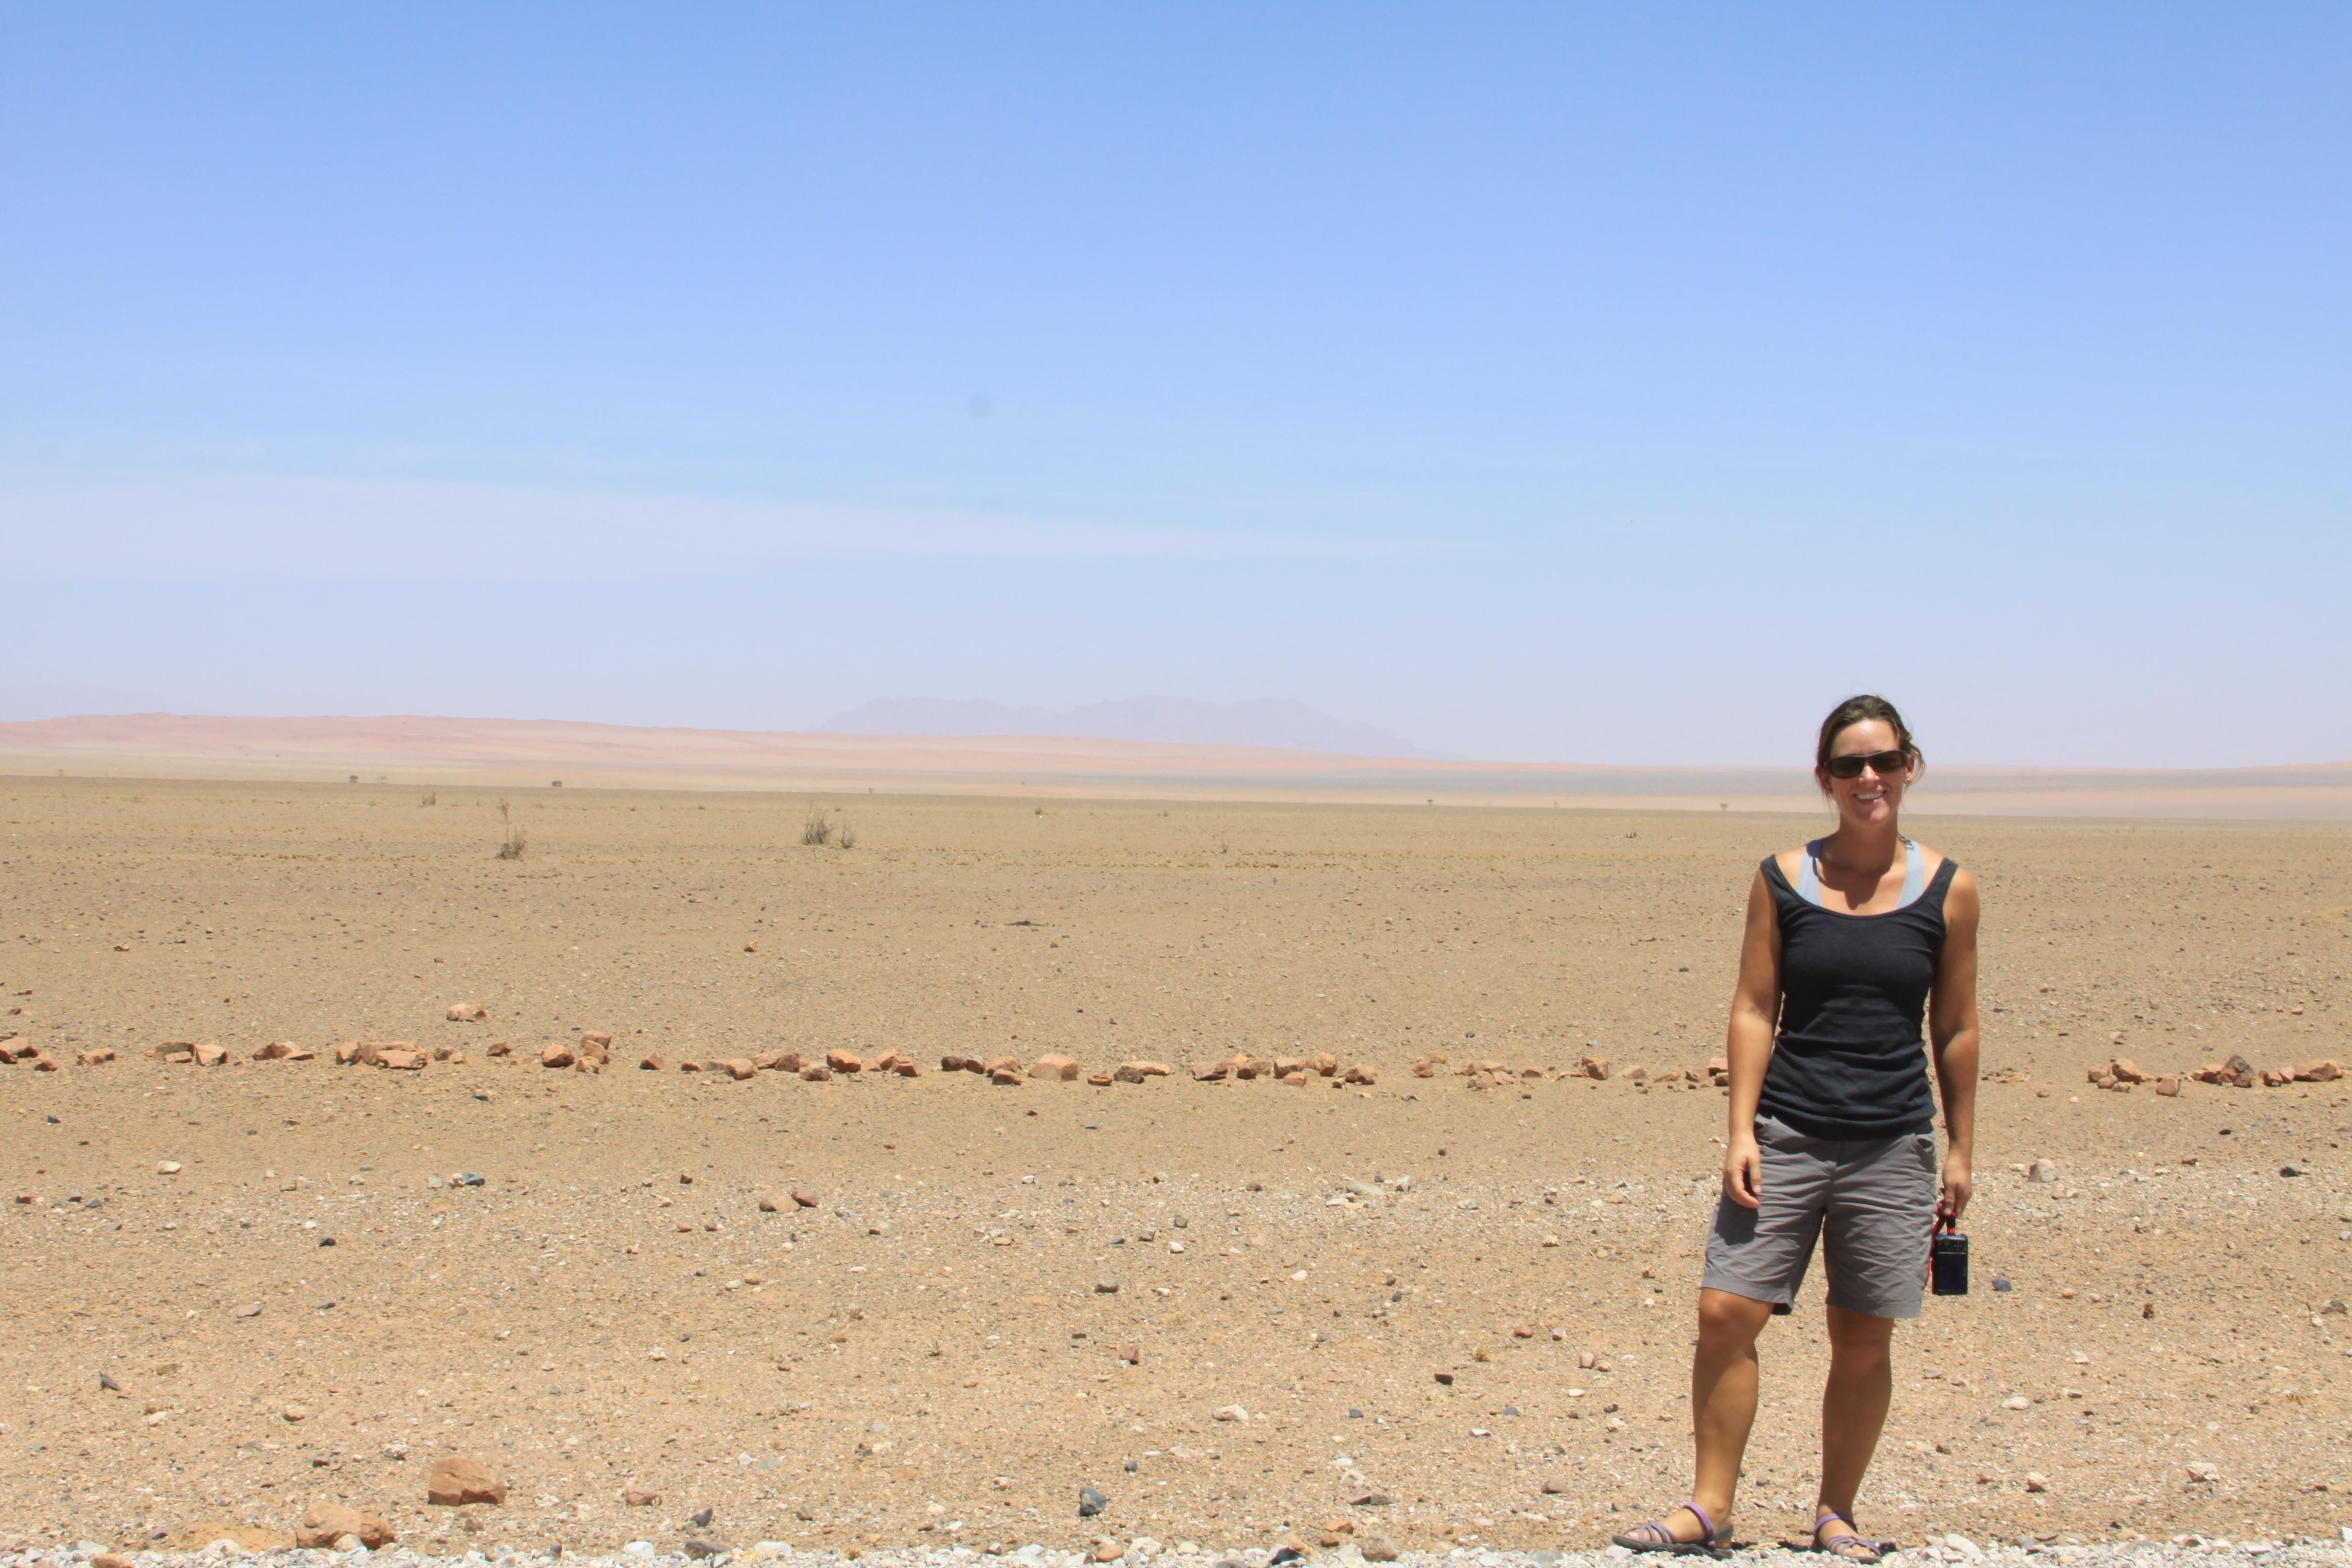 roadside-namibia